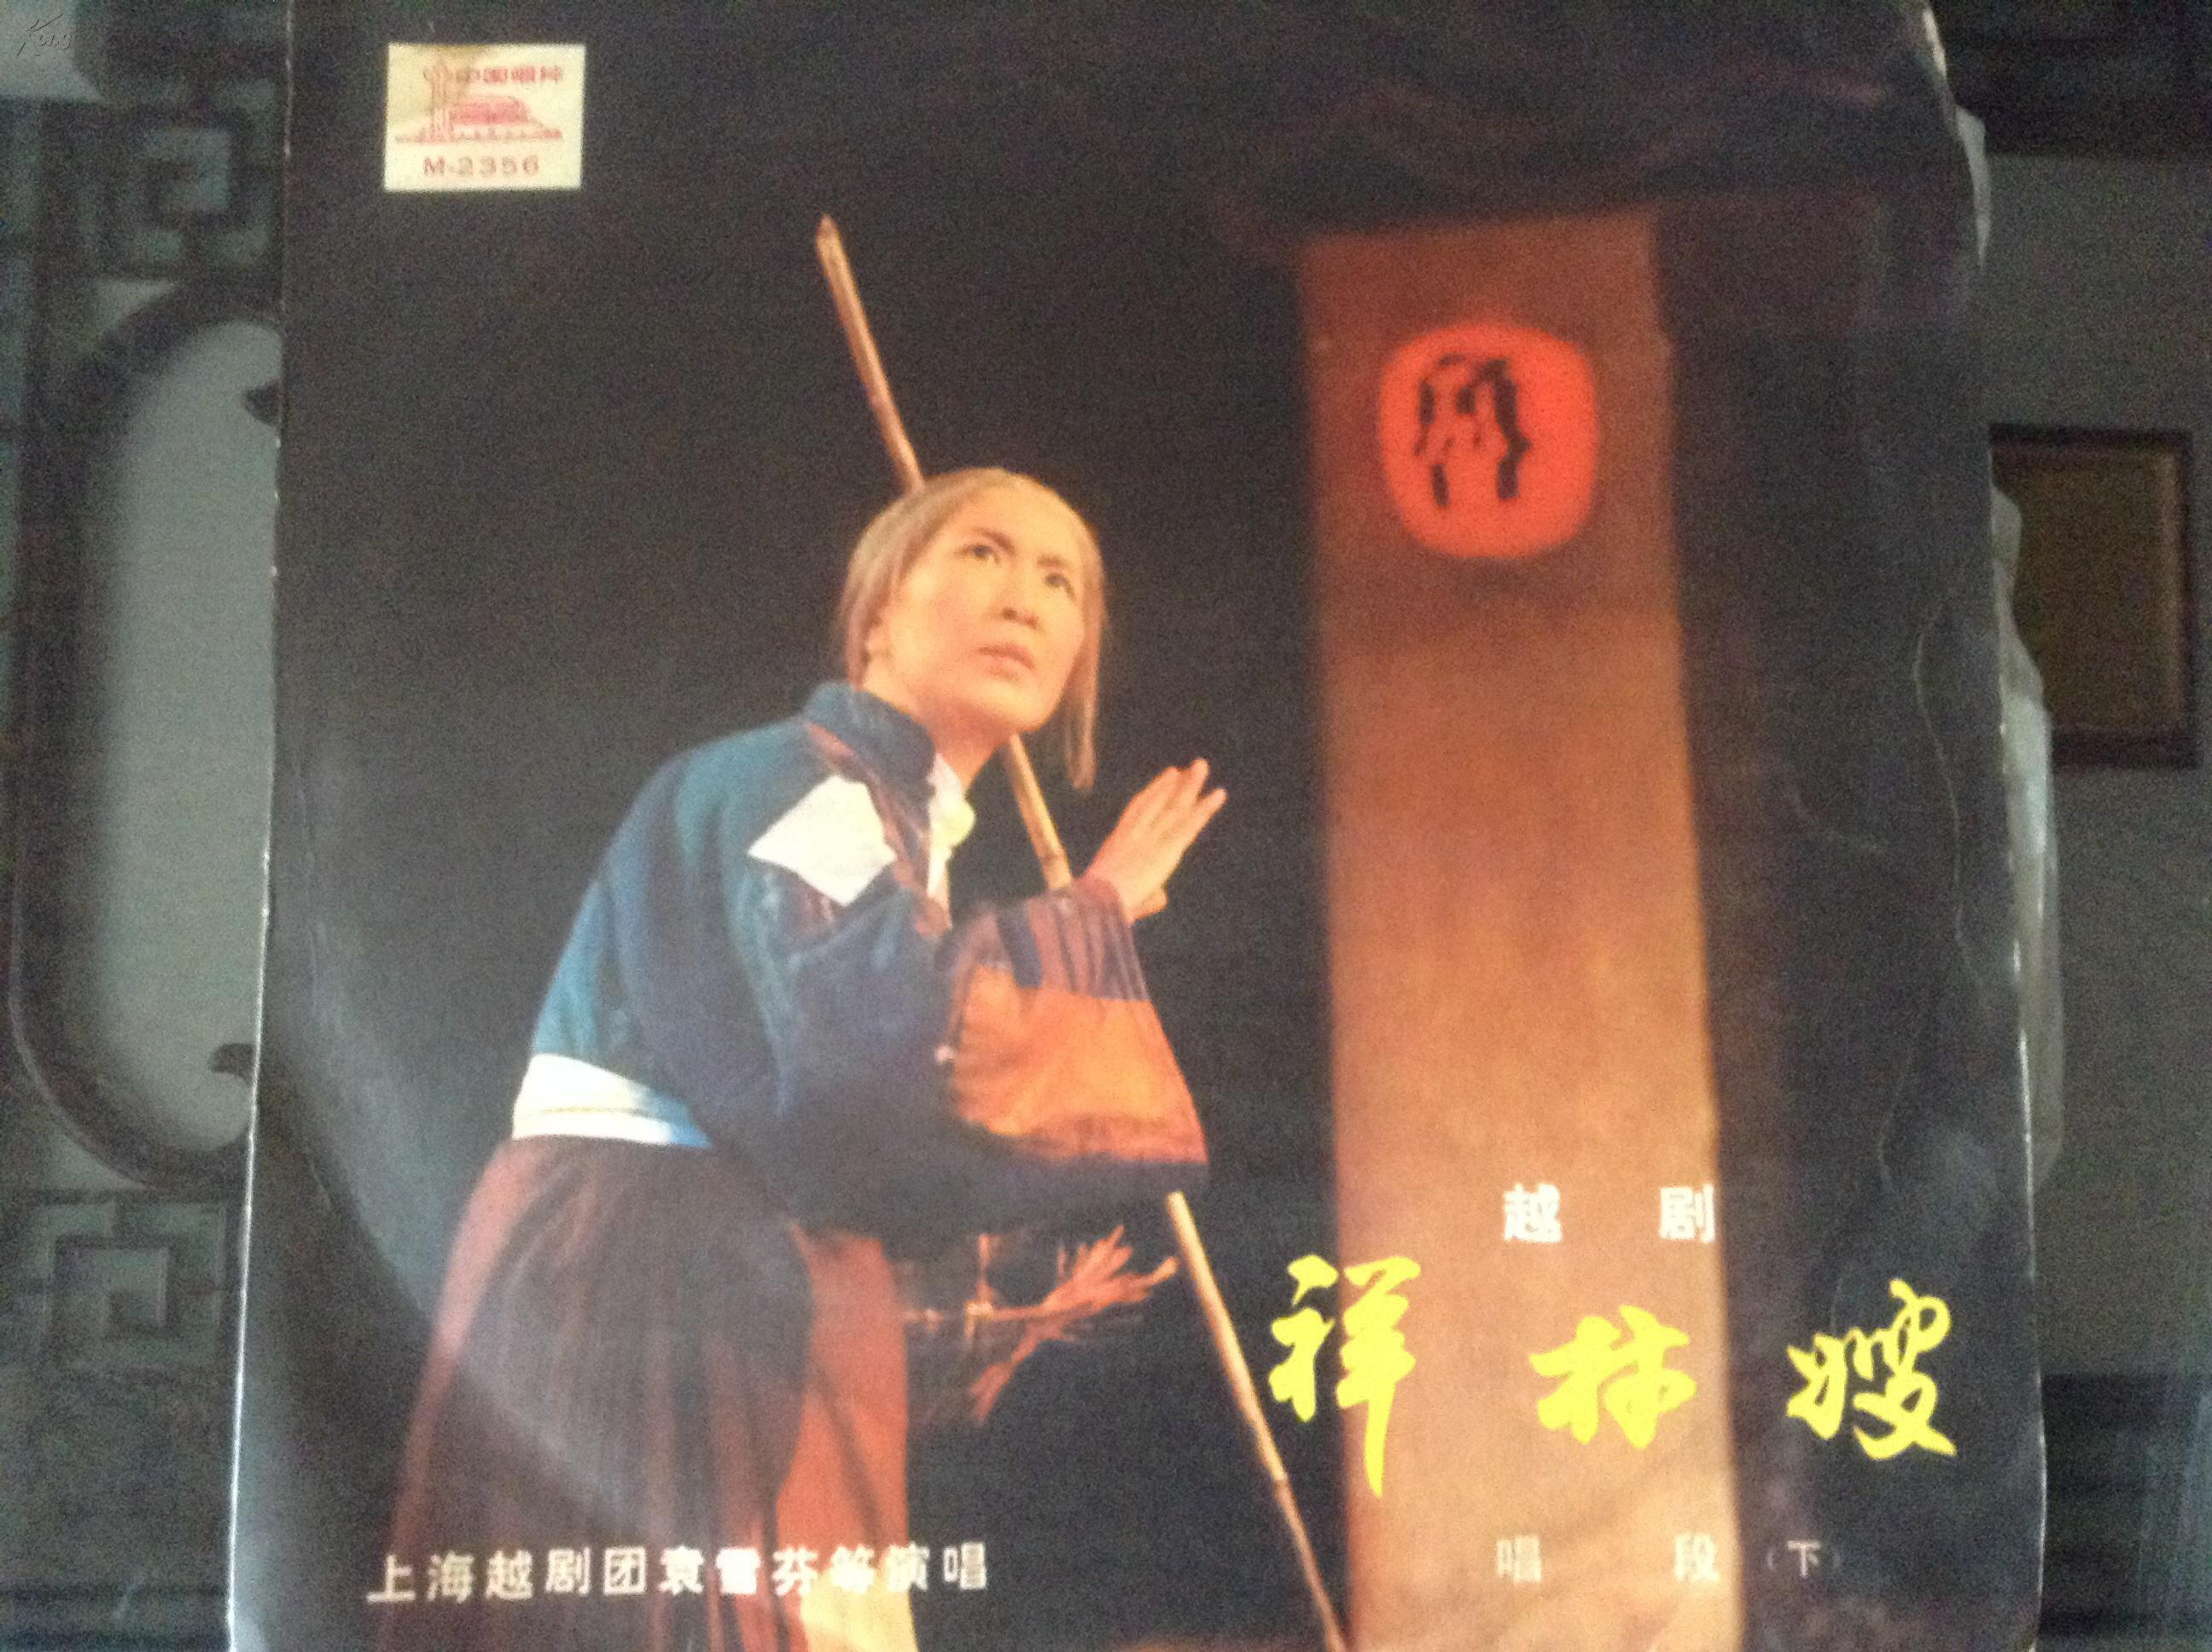 黑胶唱片越剧祥林嫂上,下两张四面全套1978年出版图片